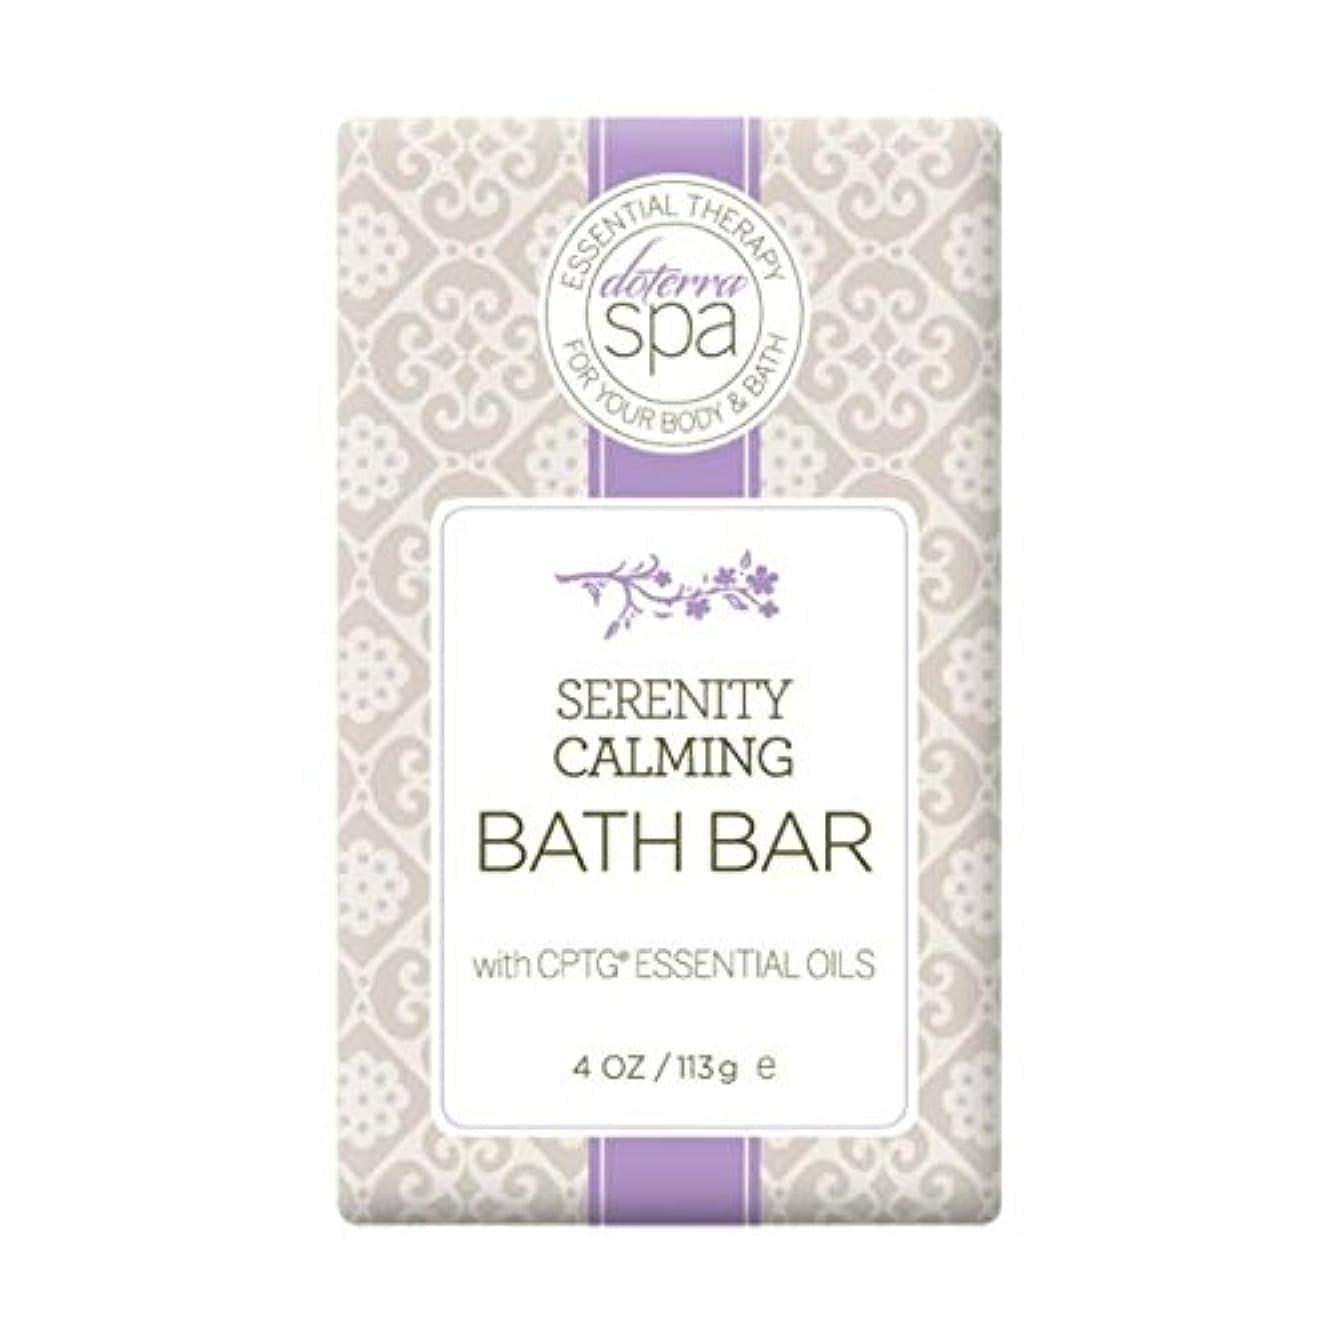 ラウンジ飲み込むエンドテーブルdoTERRA ドテラ スパ SPA Bath Bar  Serenity Calming バスバー(日本国内販売名:ウェーブリズム) 一等級精油 113g 100%CPTG [海外直送品]